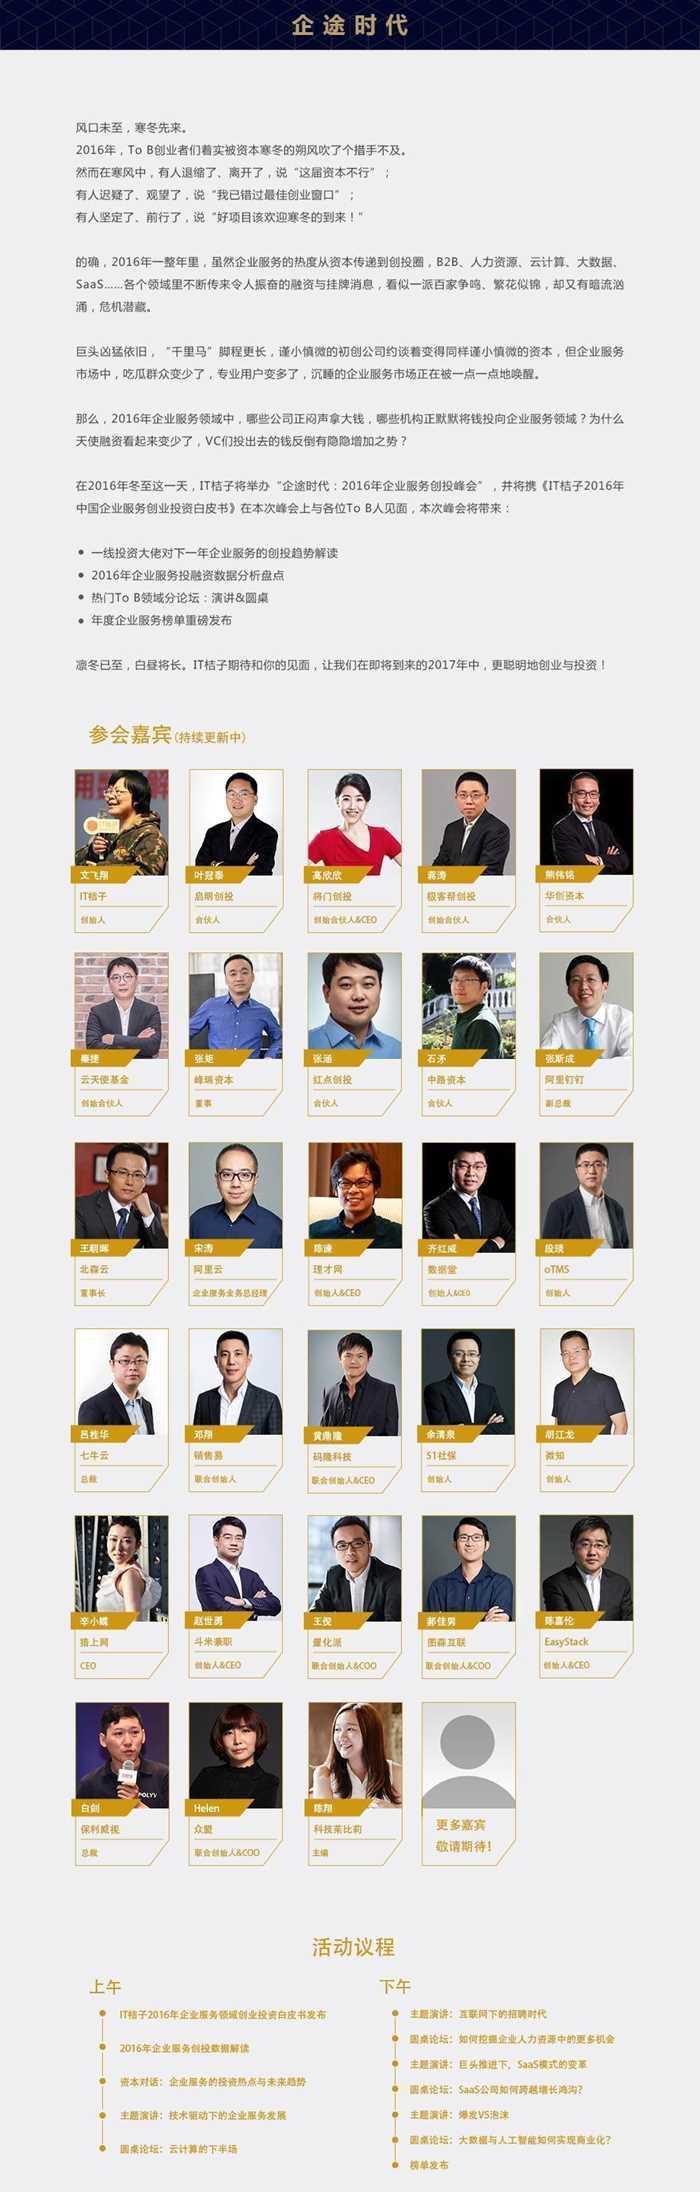 【12月21日】企途时代:2016年企业服务创投峰会